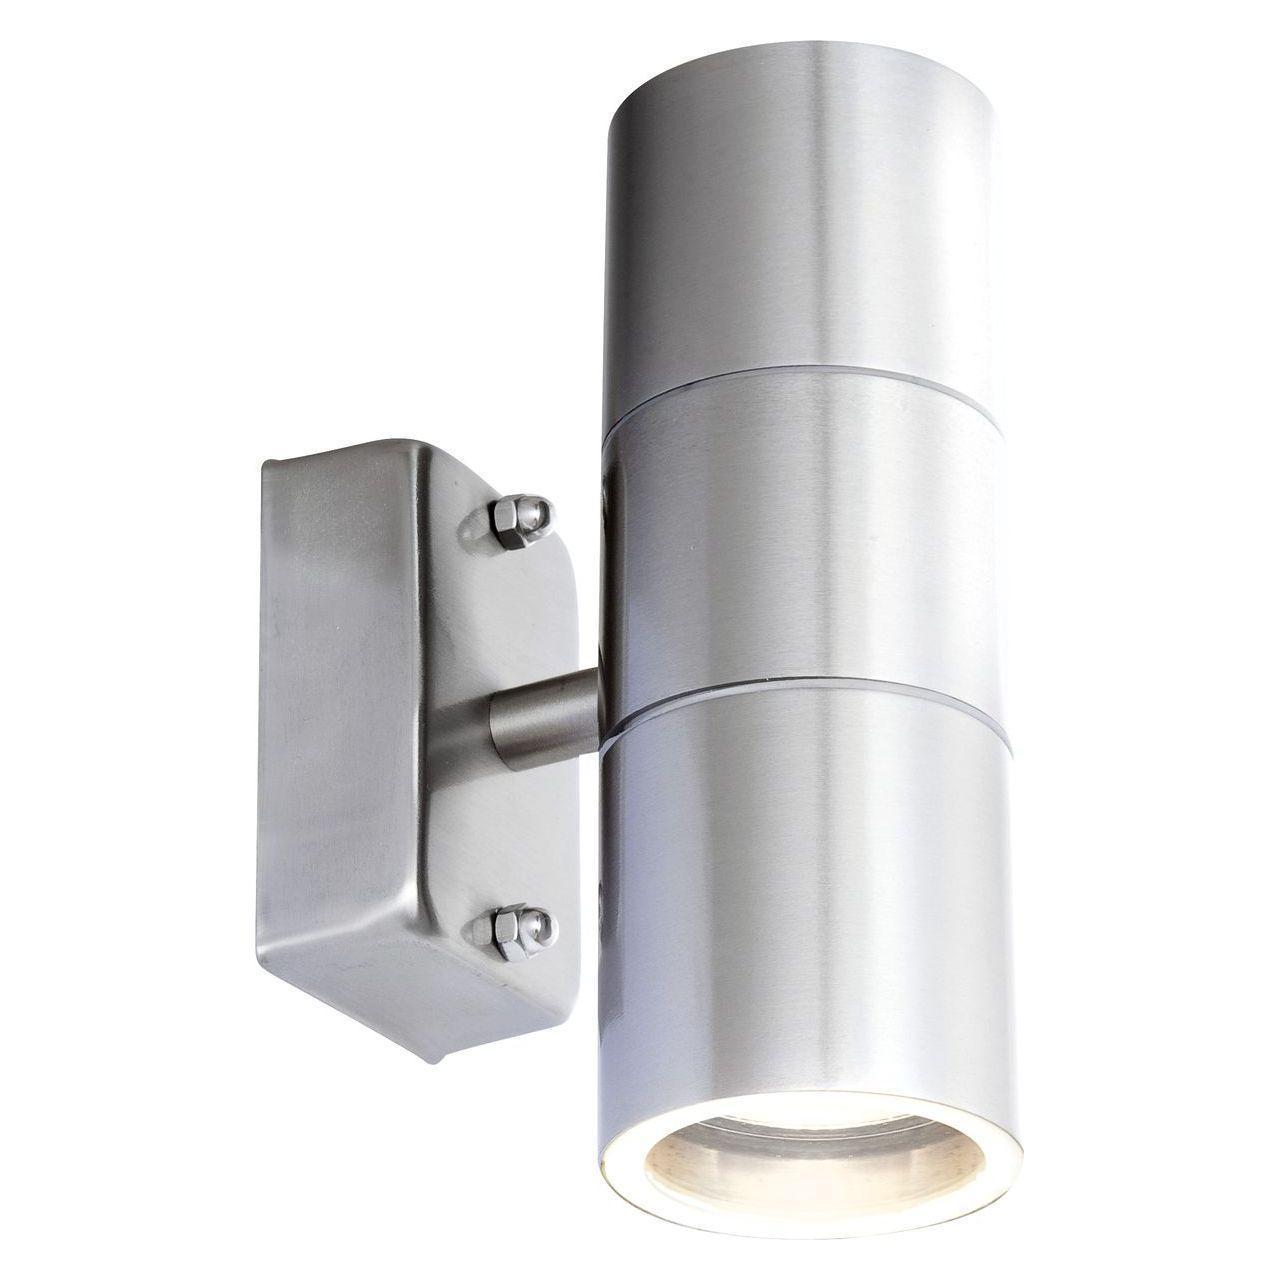 Уличный настенный светодиодный светильник Globo Style 3201-2L уличный настенный светодиодный светильник globo style 3207 2l